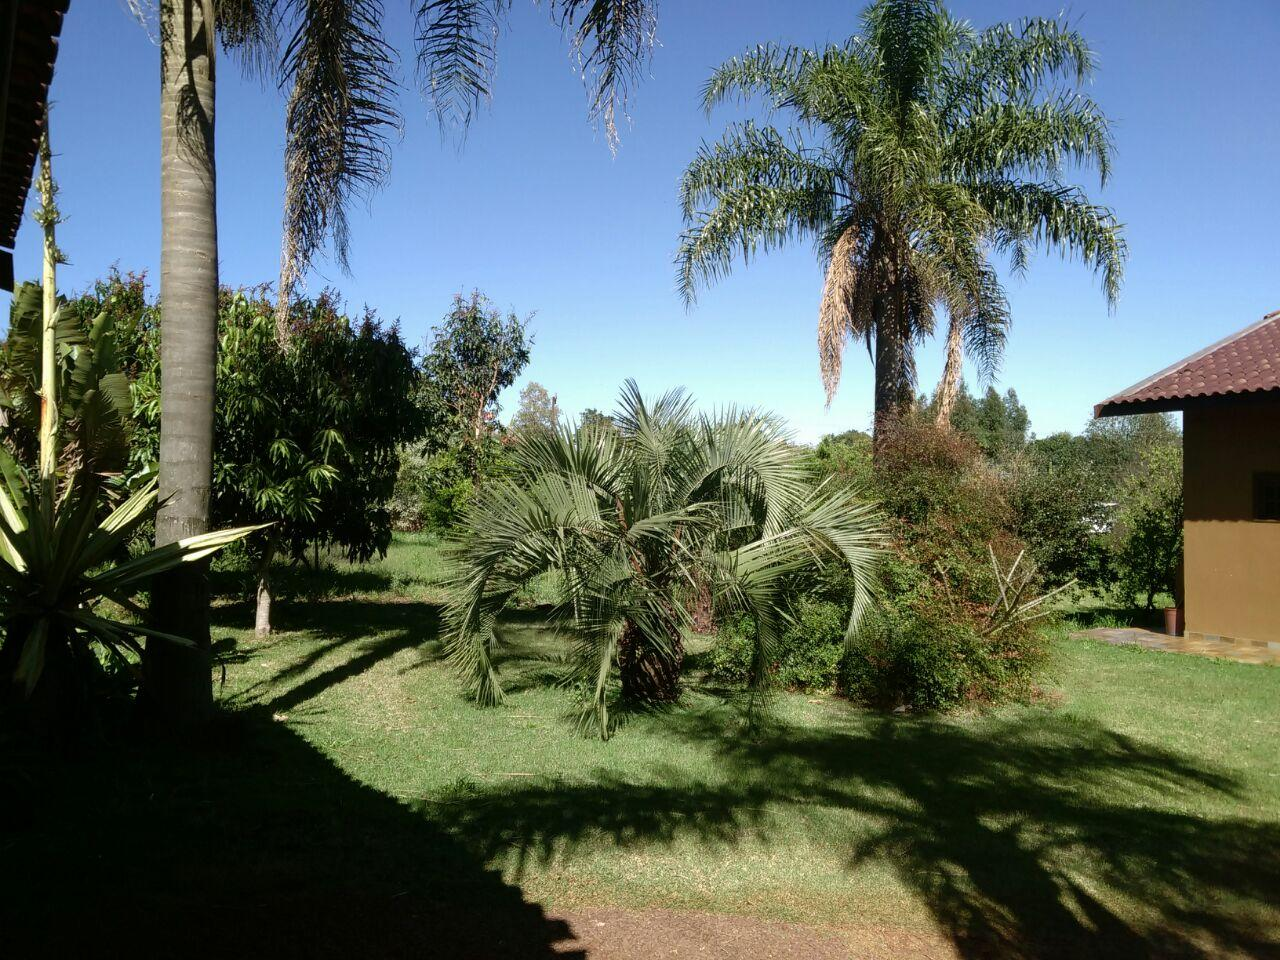 Chácara residencial à venda, Lago Azul, Cascavel. - Lago Azul+venda+Paraná+Cascavel